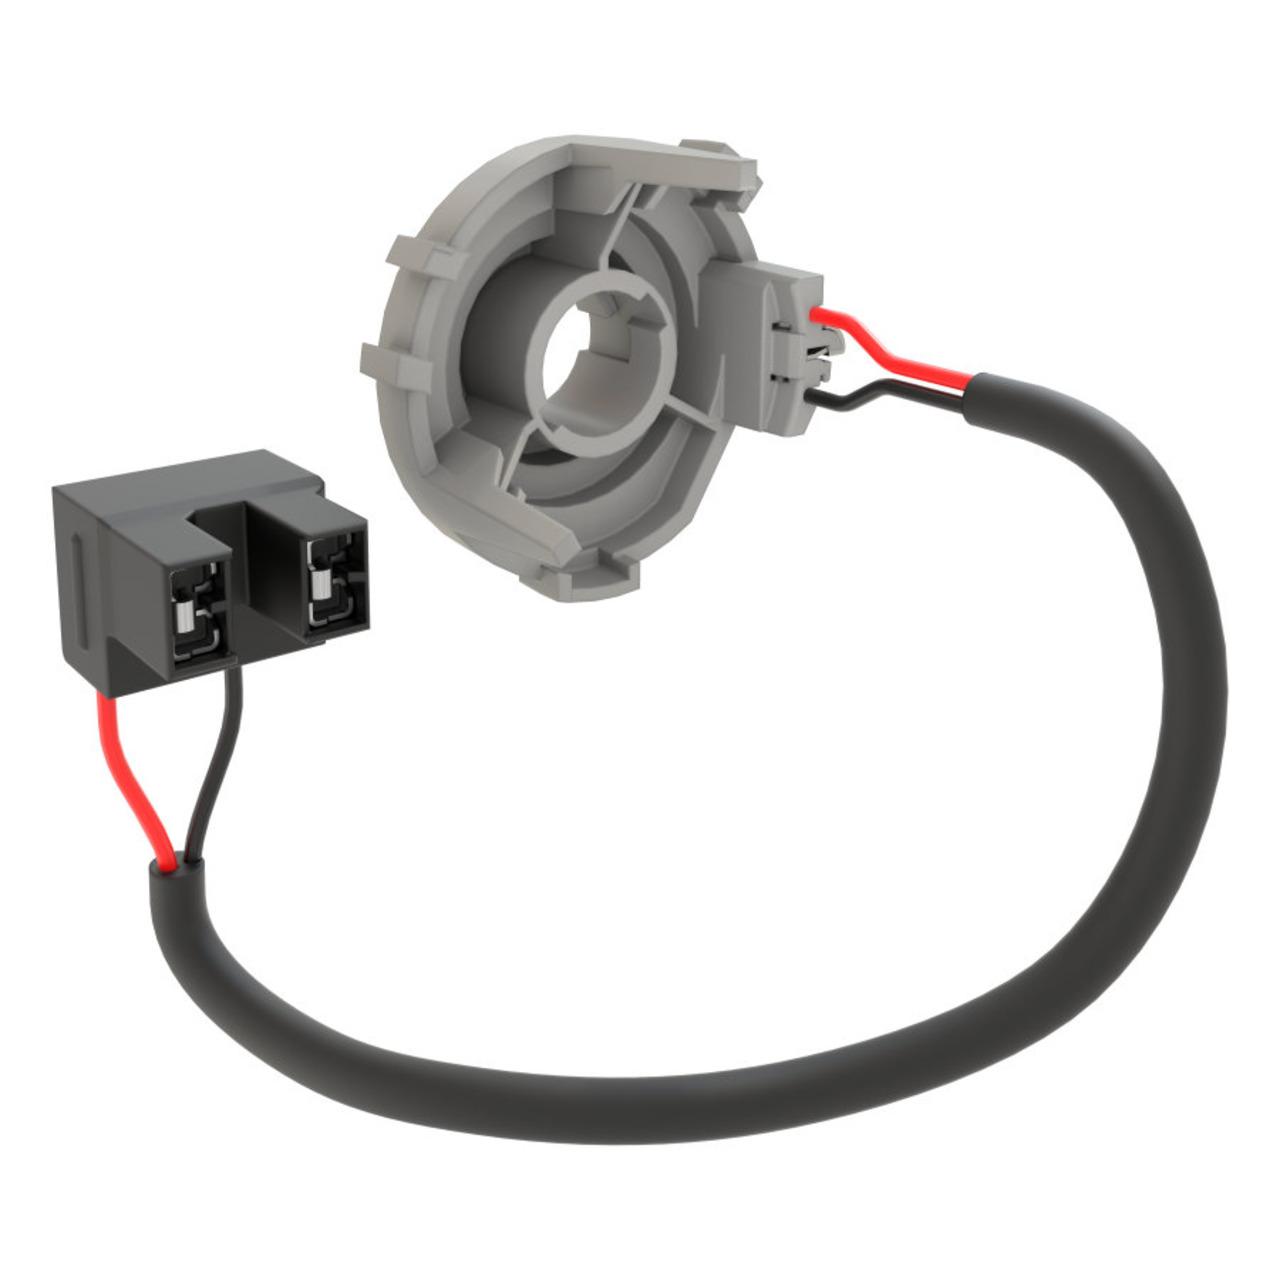 OSRAM LEDriving Adapter DA07 für H7-LED-Nachrüstlampe NIGHT BREAKER(R) LED